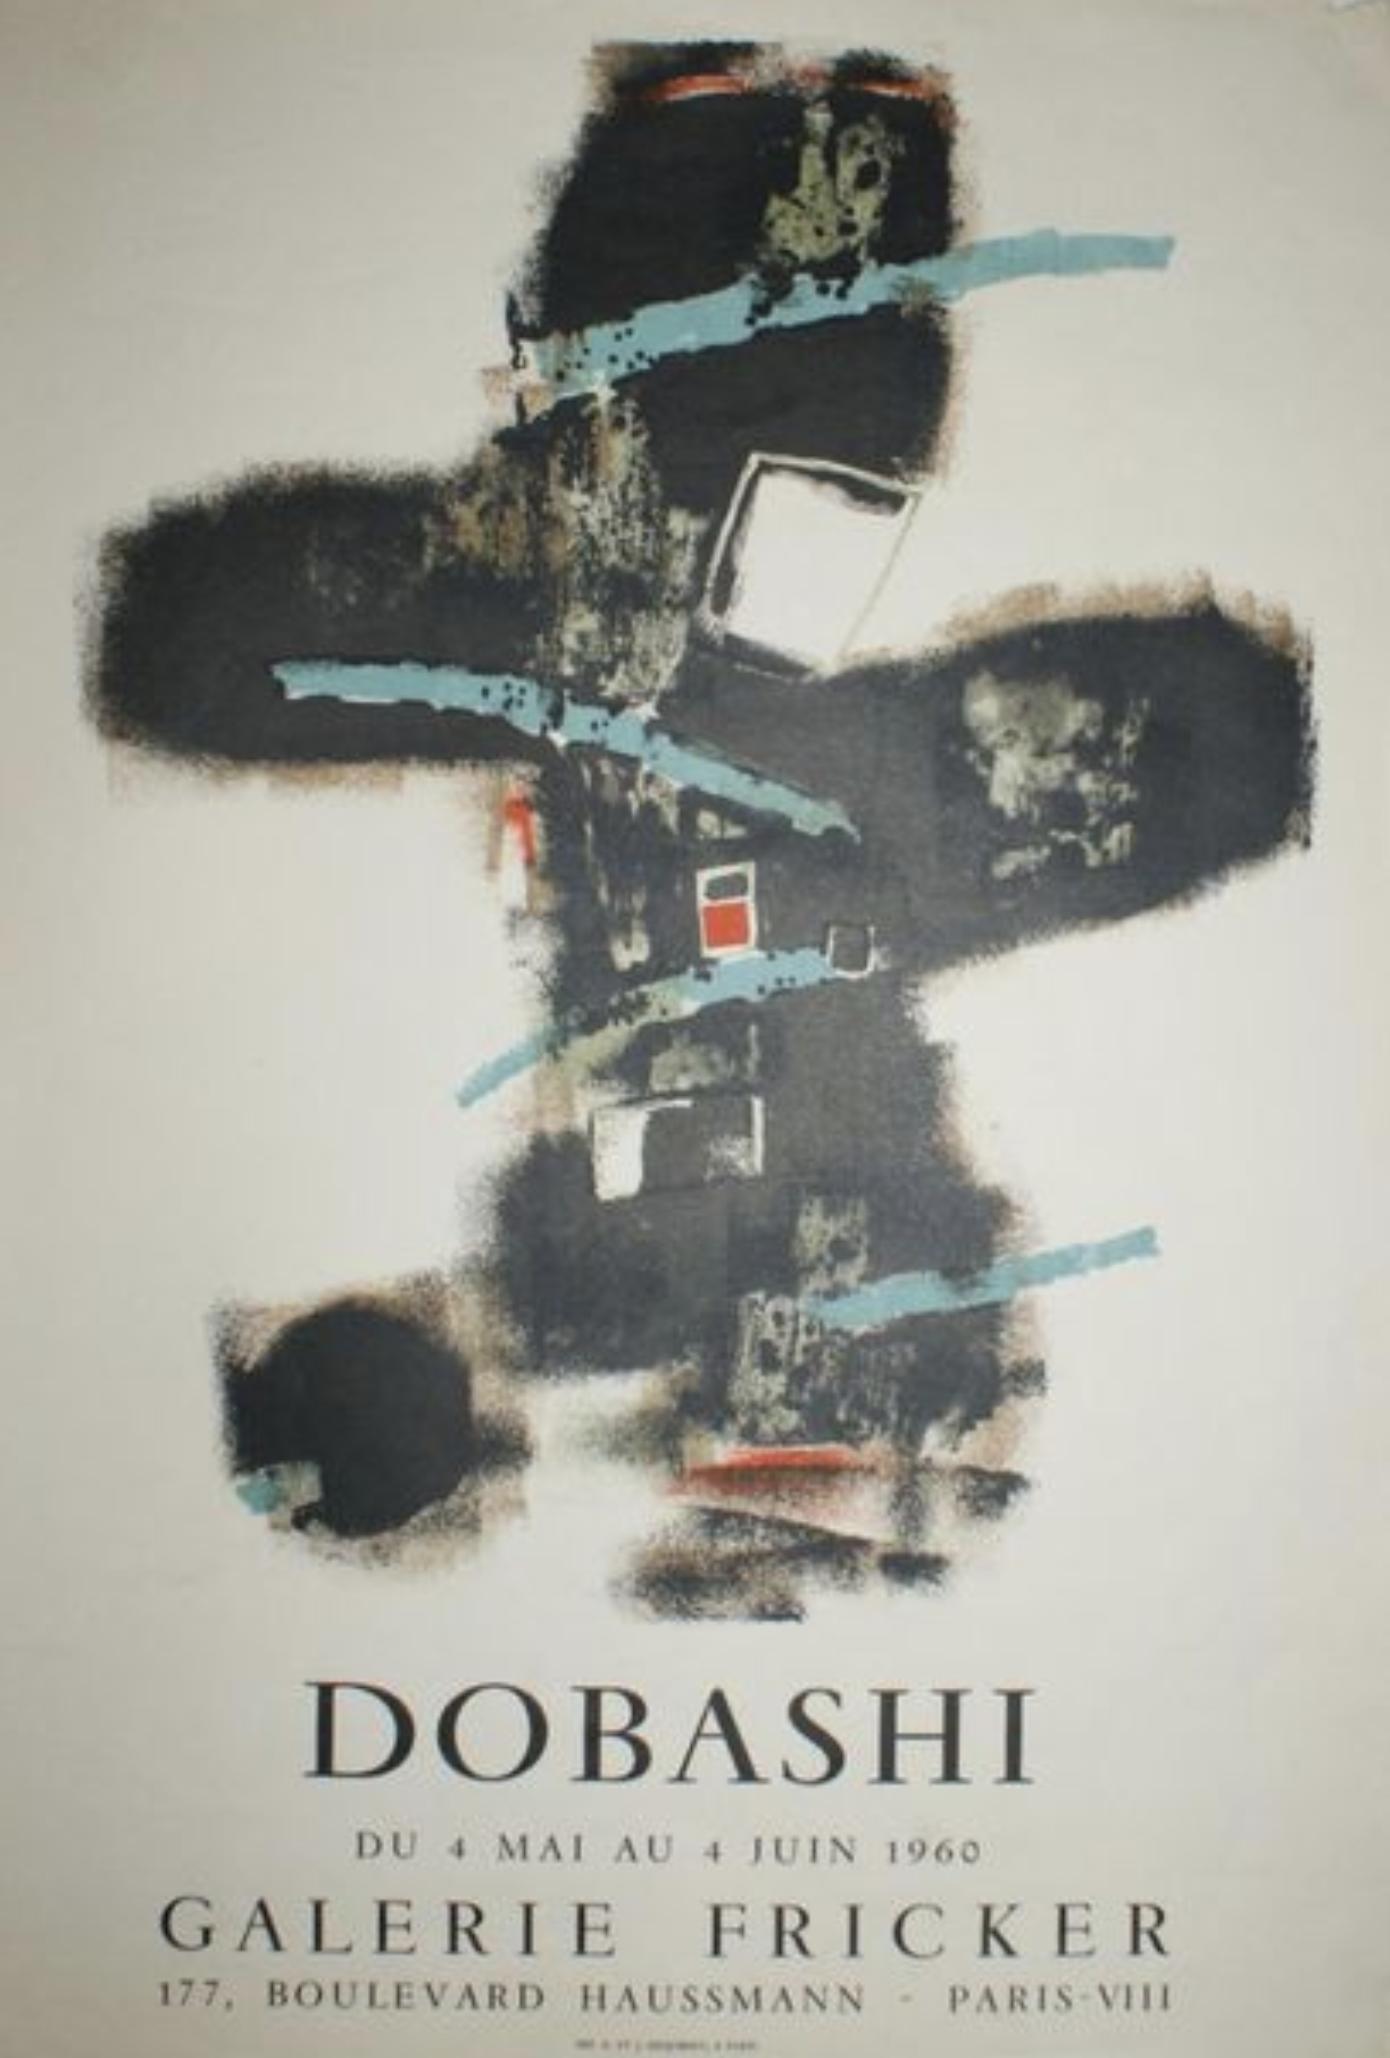 Dobashi Galerie Fricker Exhibition Original Vintage Poster